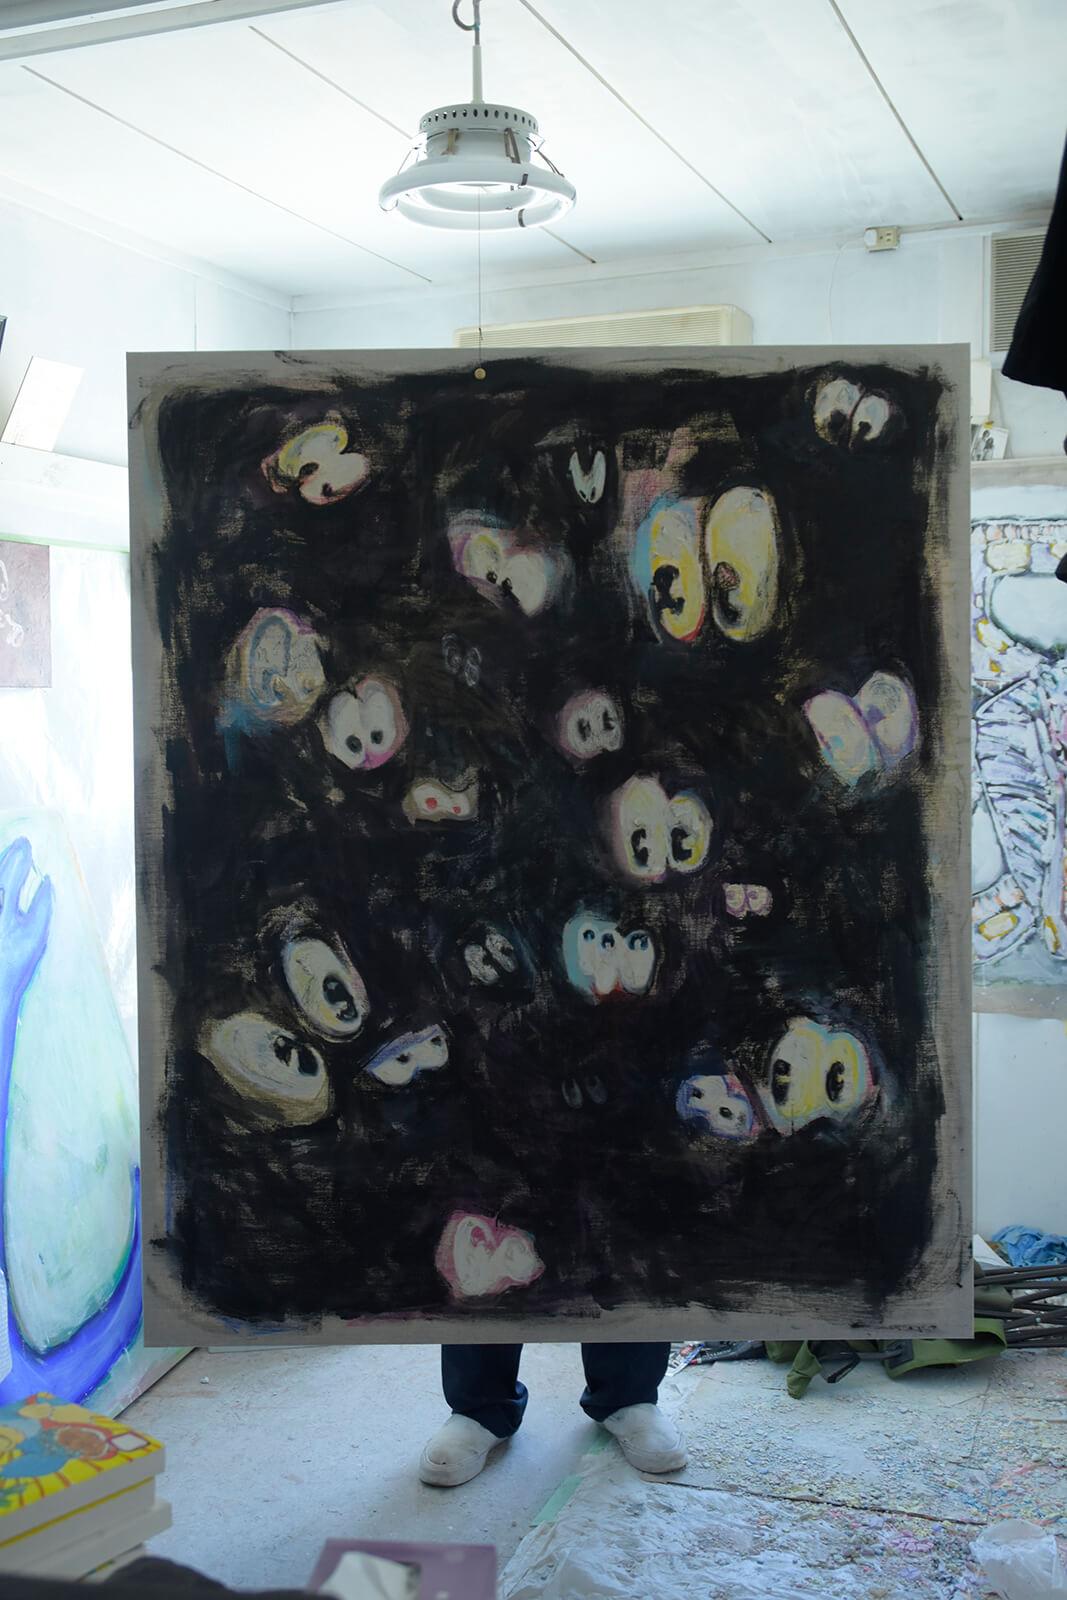 馬喰町のギャラリー、PARCELで若手アーティストをフックした短期の展示がスタート。1人目はKINJOです。